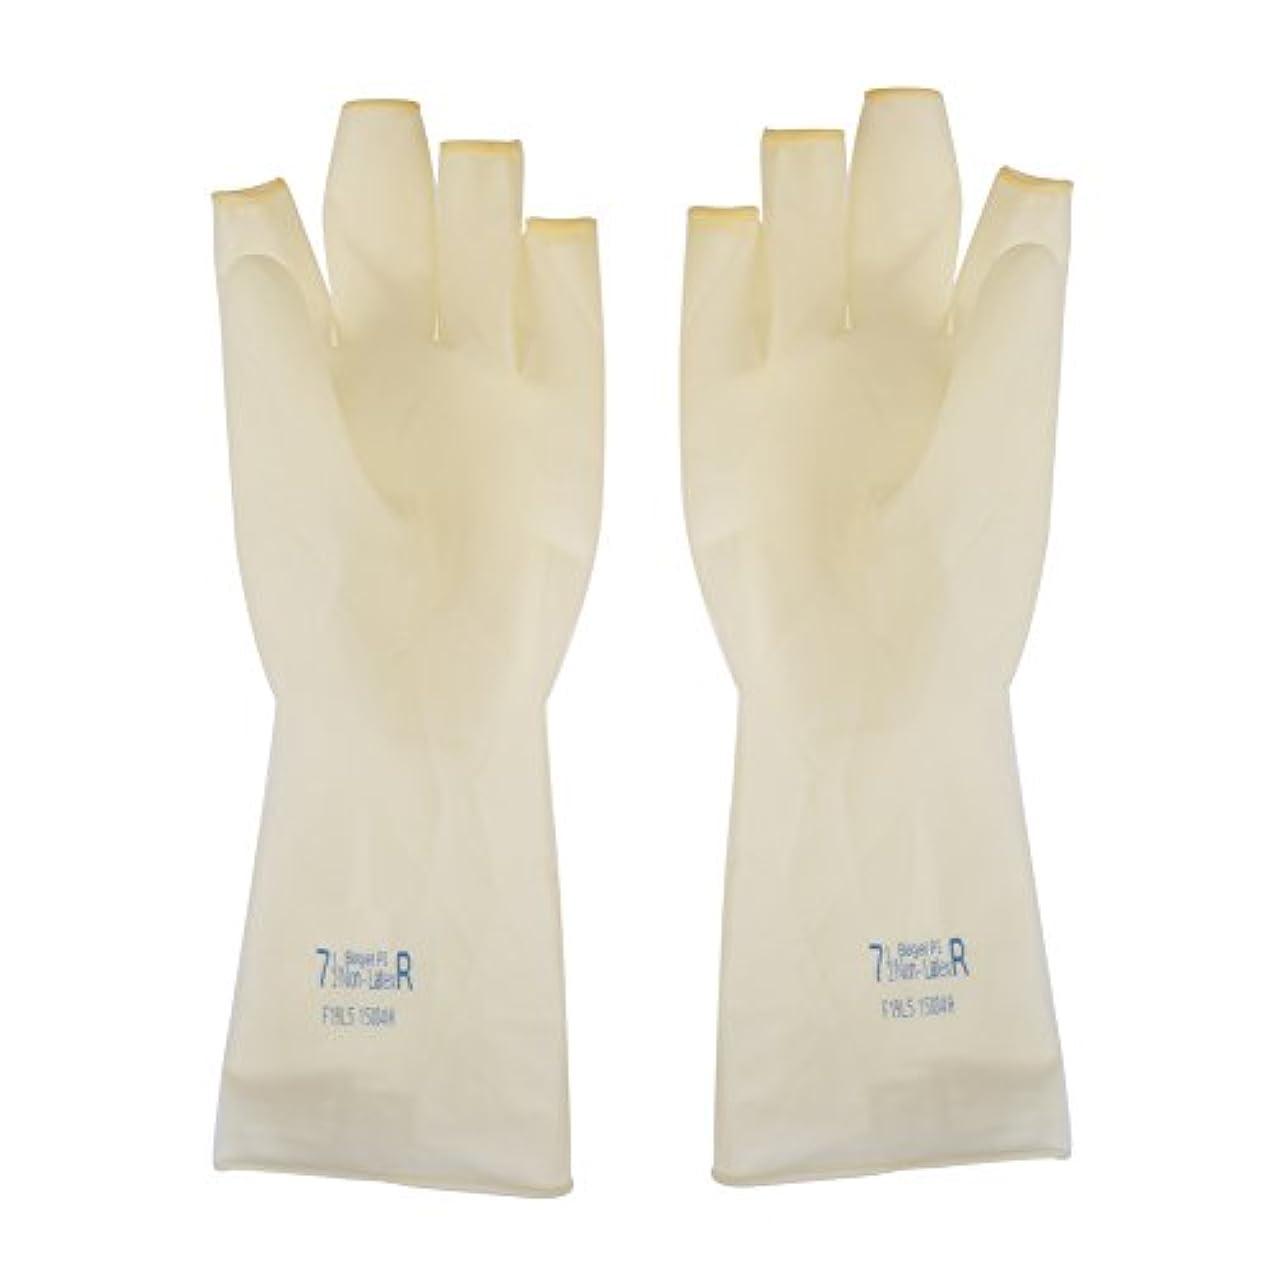 比較一貫した誤AEdiea 1ペア ゴム手袋   毛染め手袋 使い捨て 弾性 伸縮性 ヘアサロン サロンツール (M)